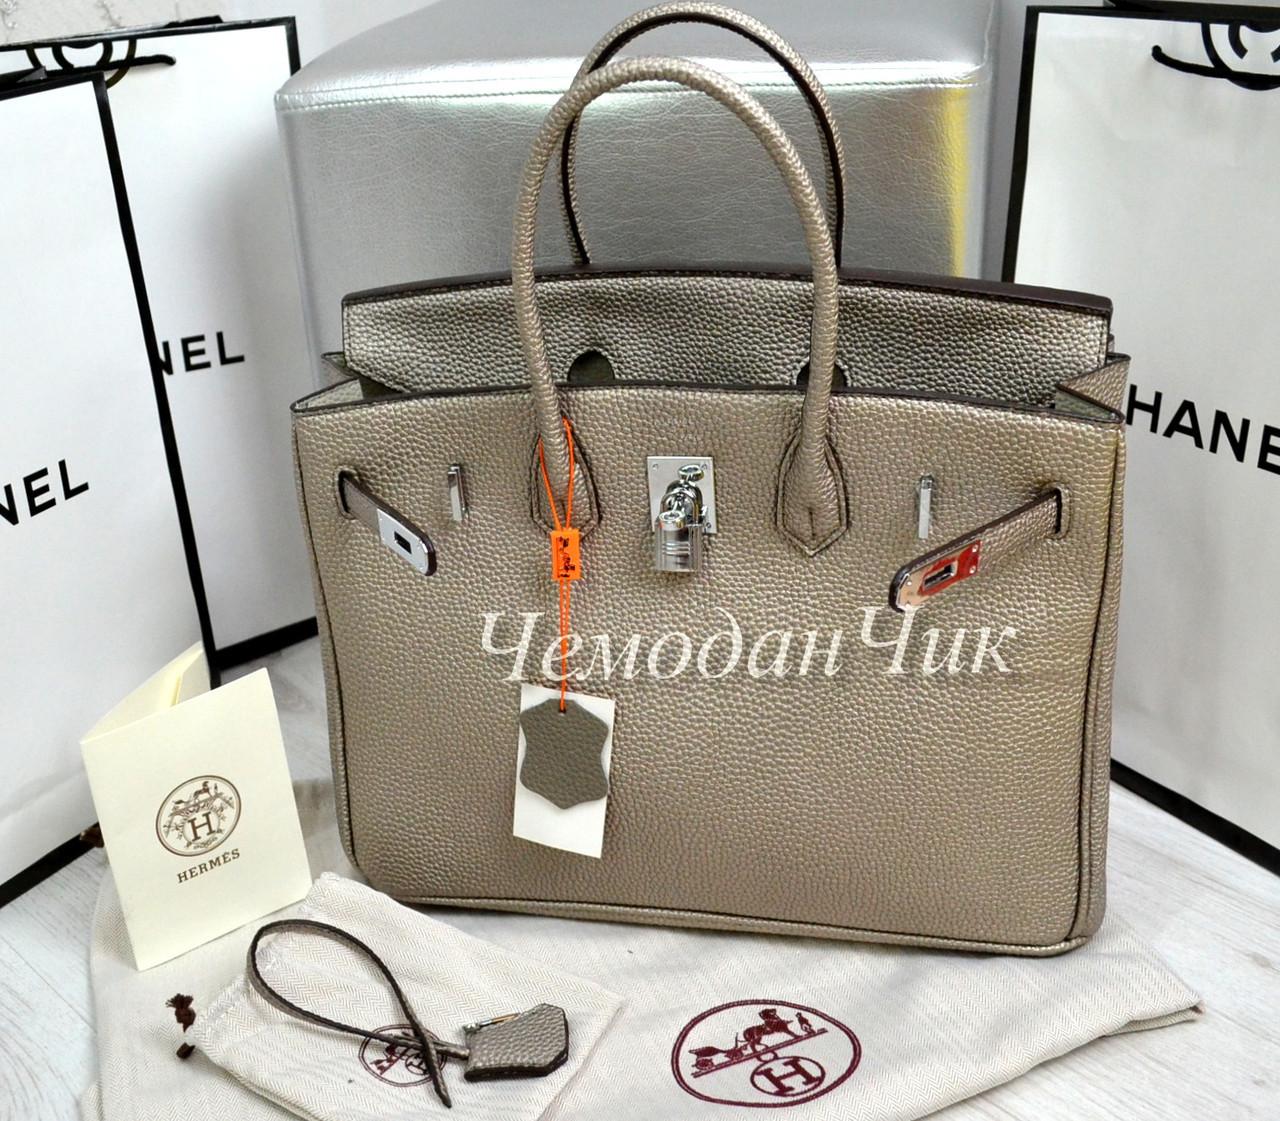 8715387086ac Сумка Hermes Birkin Гермес серебро - ЧЕМОДАНЧИК - самые красивые сумочки по  самой приятной цене!